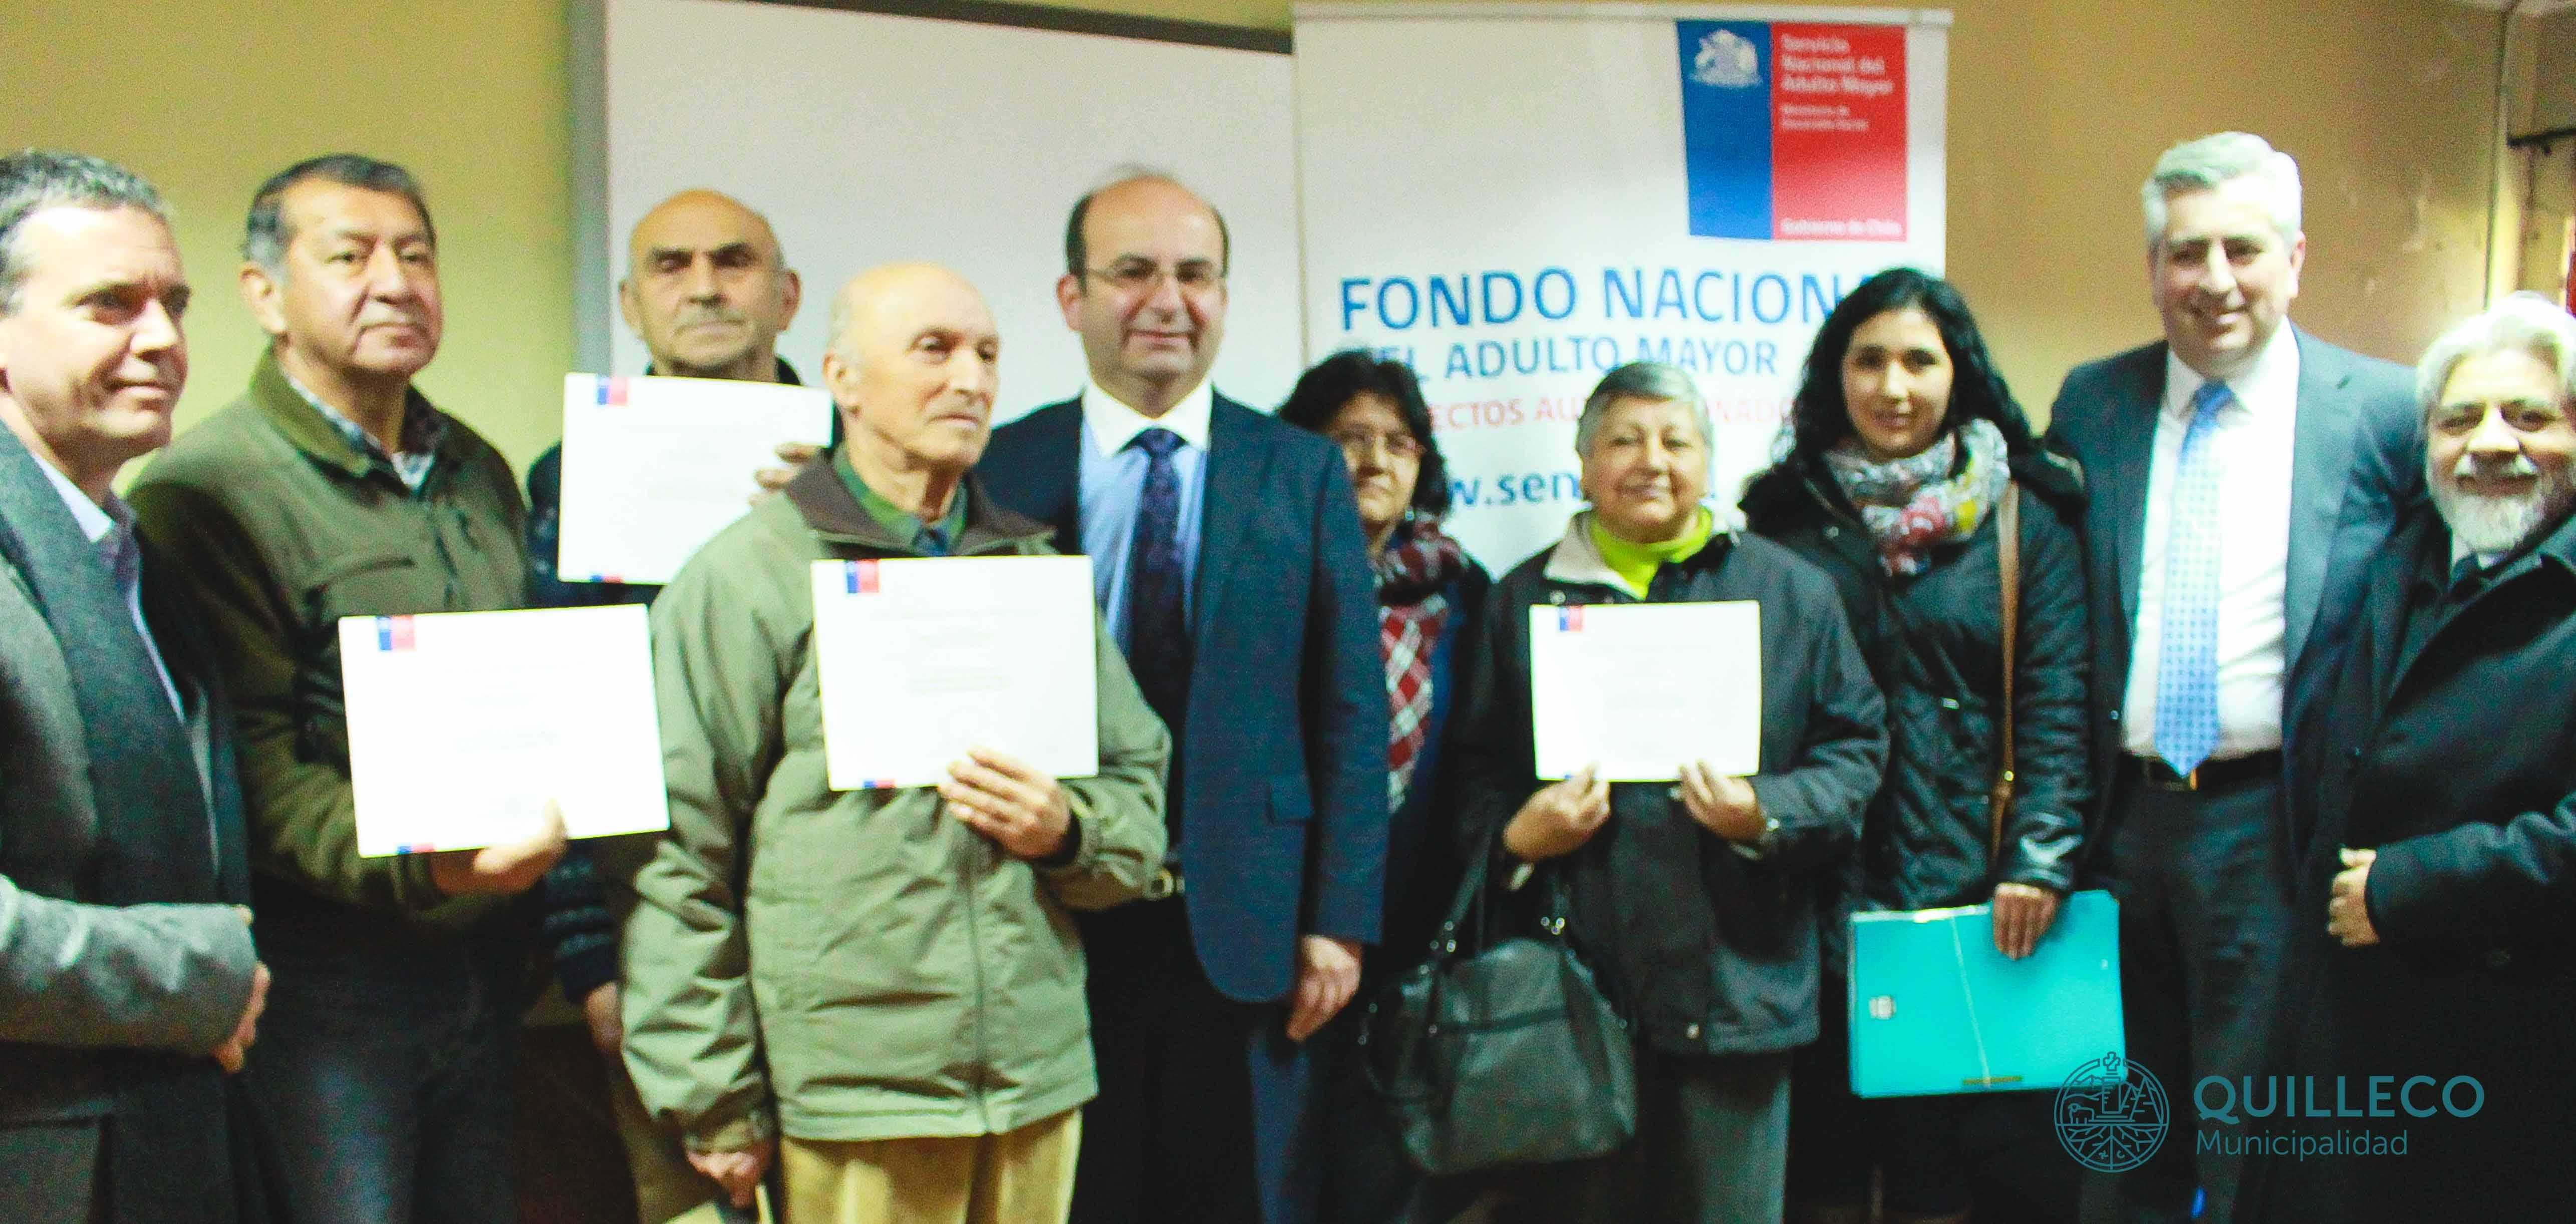 Fondo Nacional del Adulto Mayor hizo entrega de certificados a organizaciones de la Comuna de Quilleco.